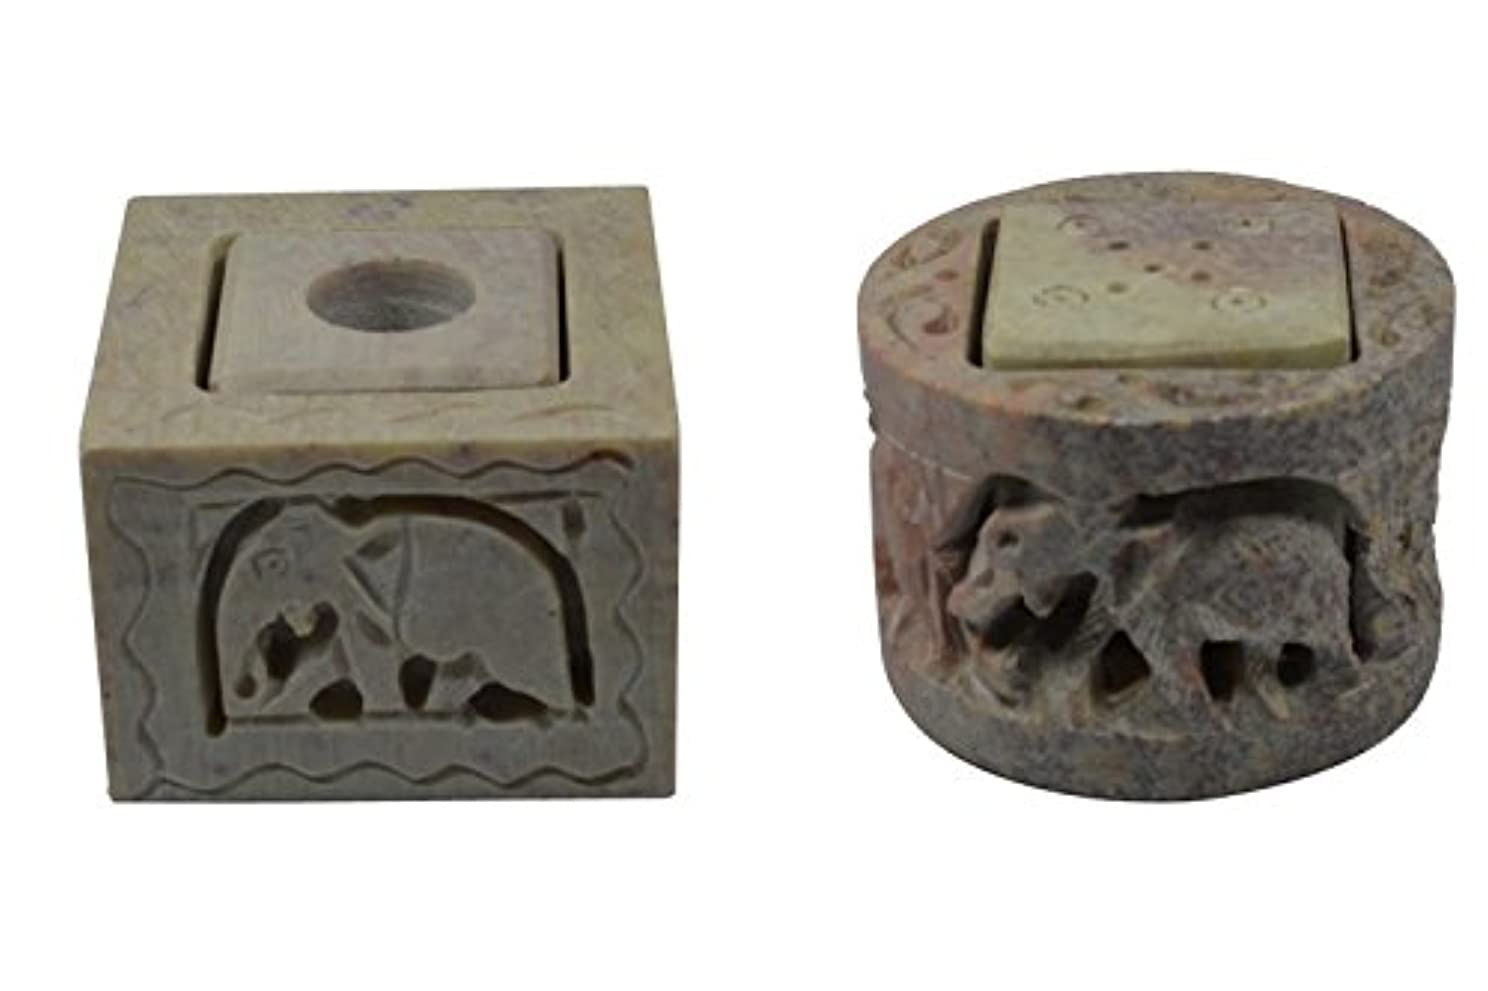 先史時代の突っ込むトチの実の木Royal Handicrafts Handcrafted Soapstone Candle & Incense Holder With Elephant Carving - Set of 2